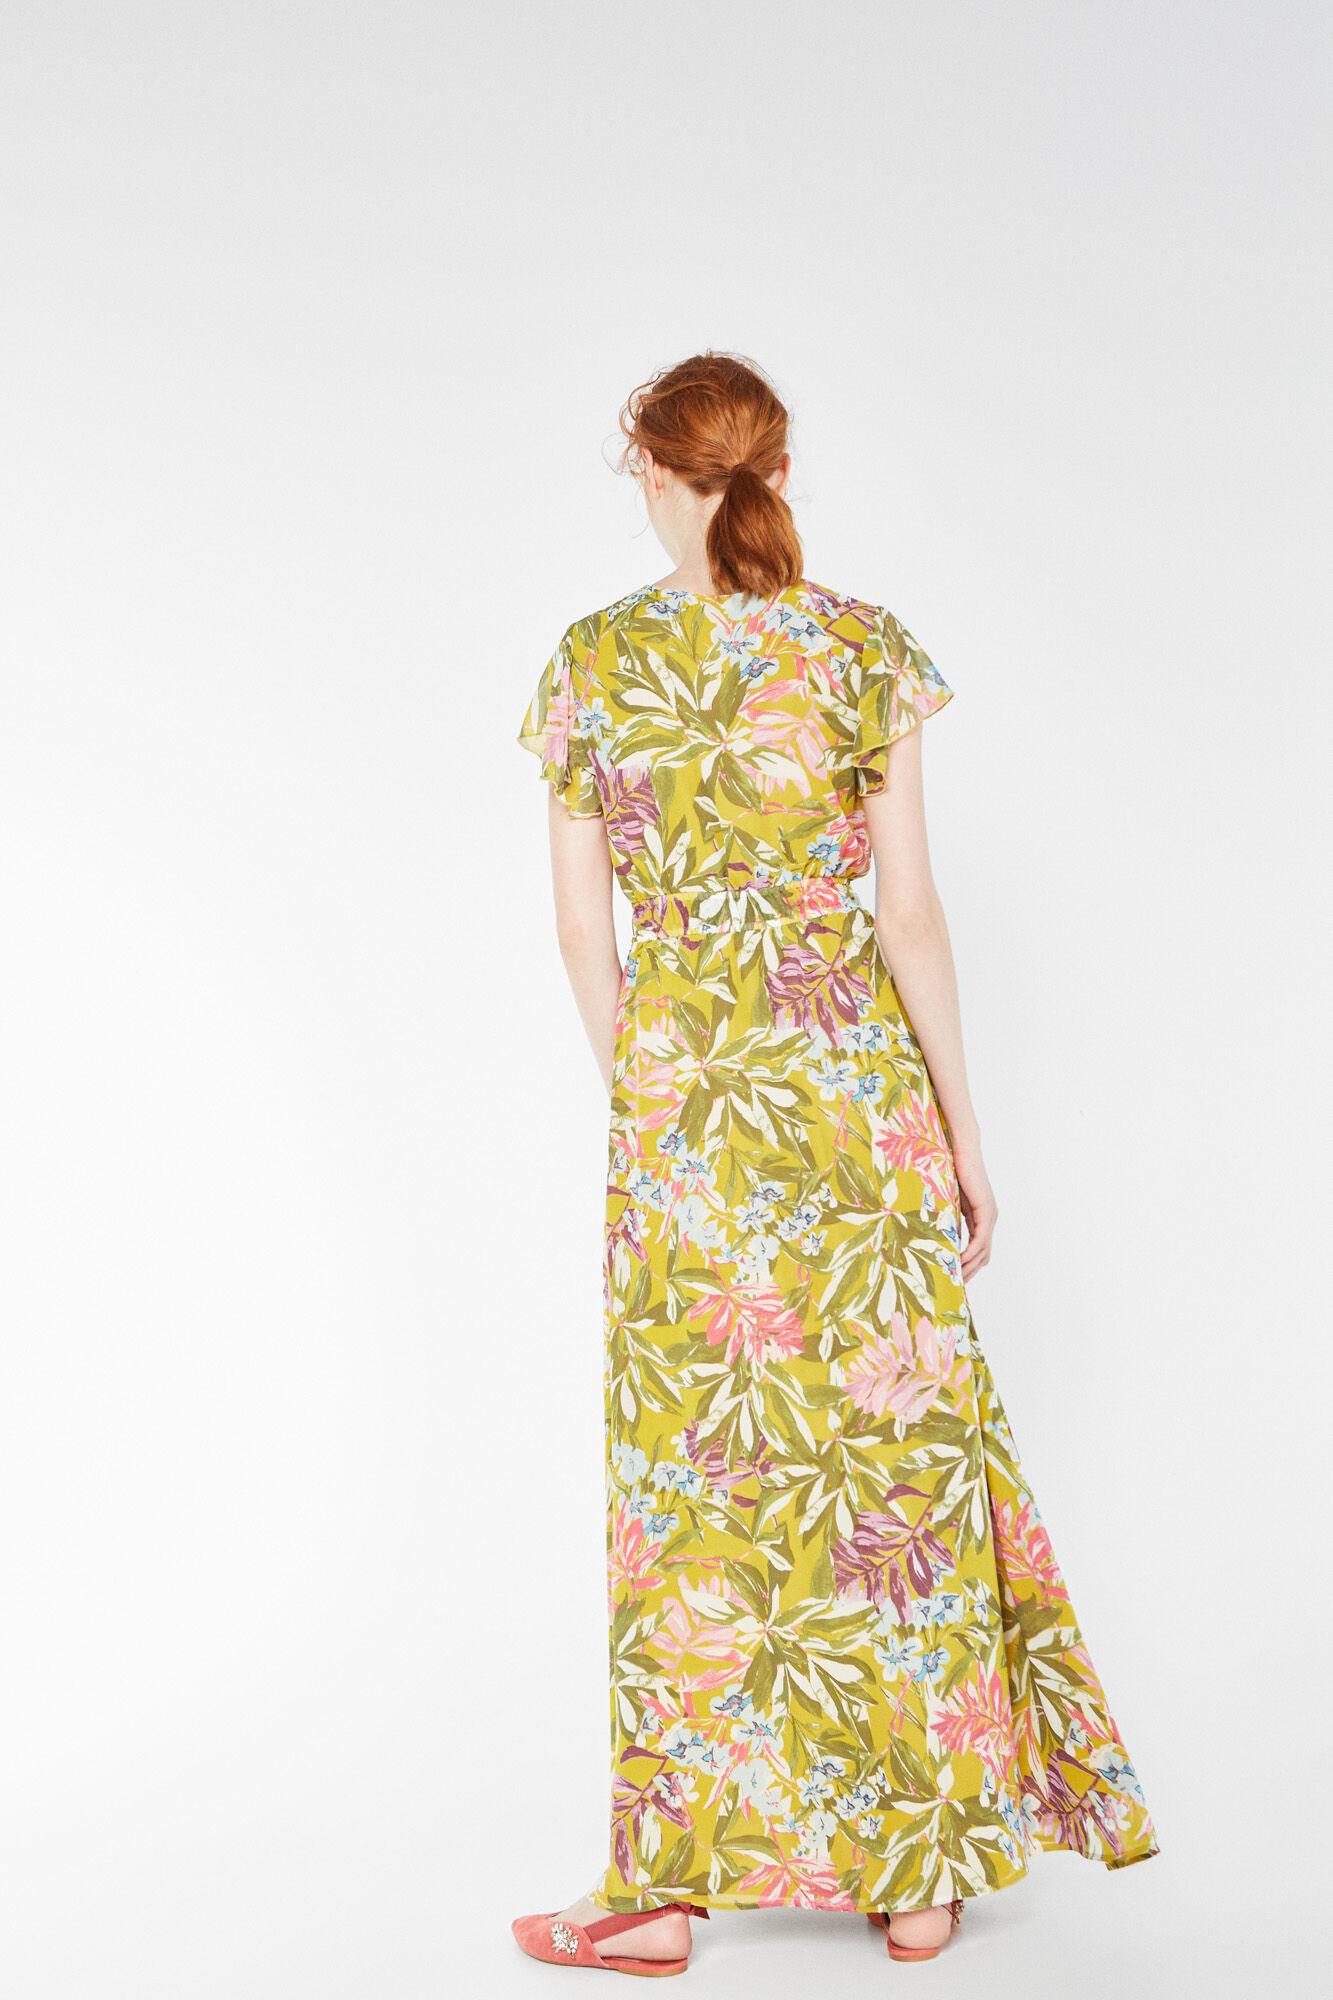 071edb9b93 Swiss embroidered dress